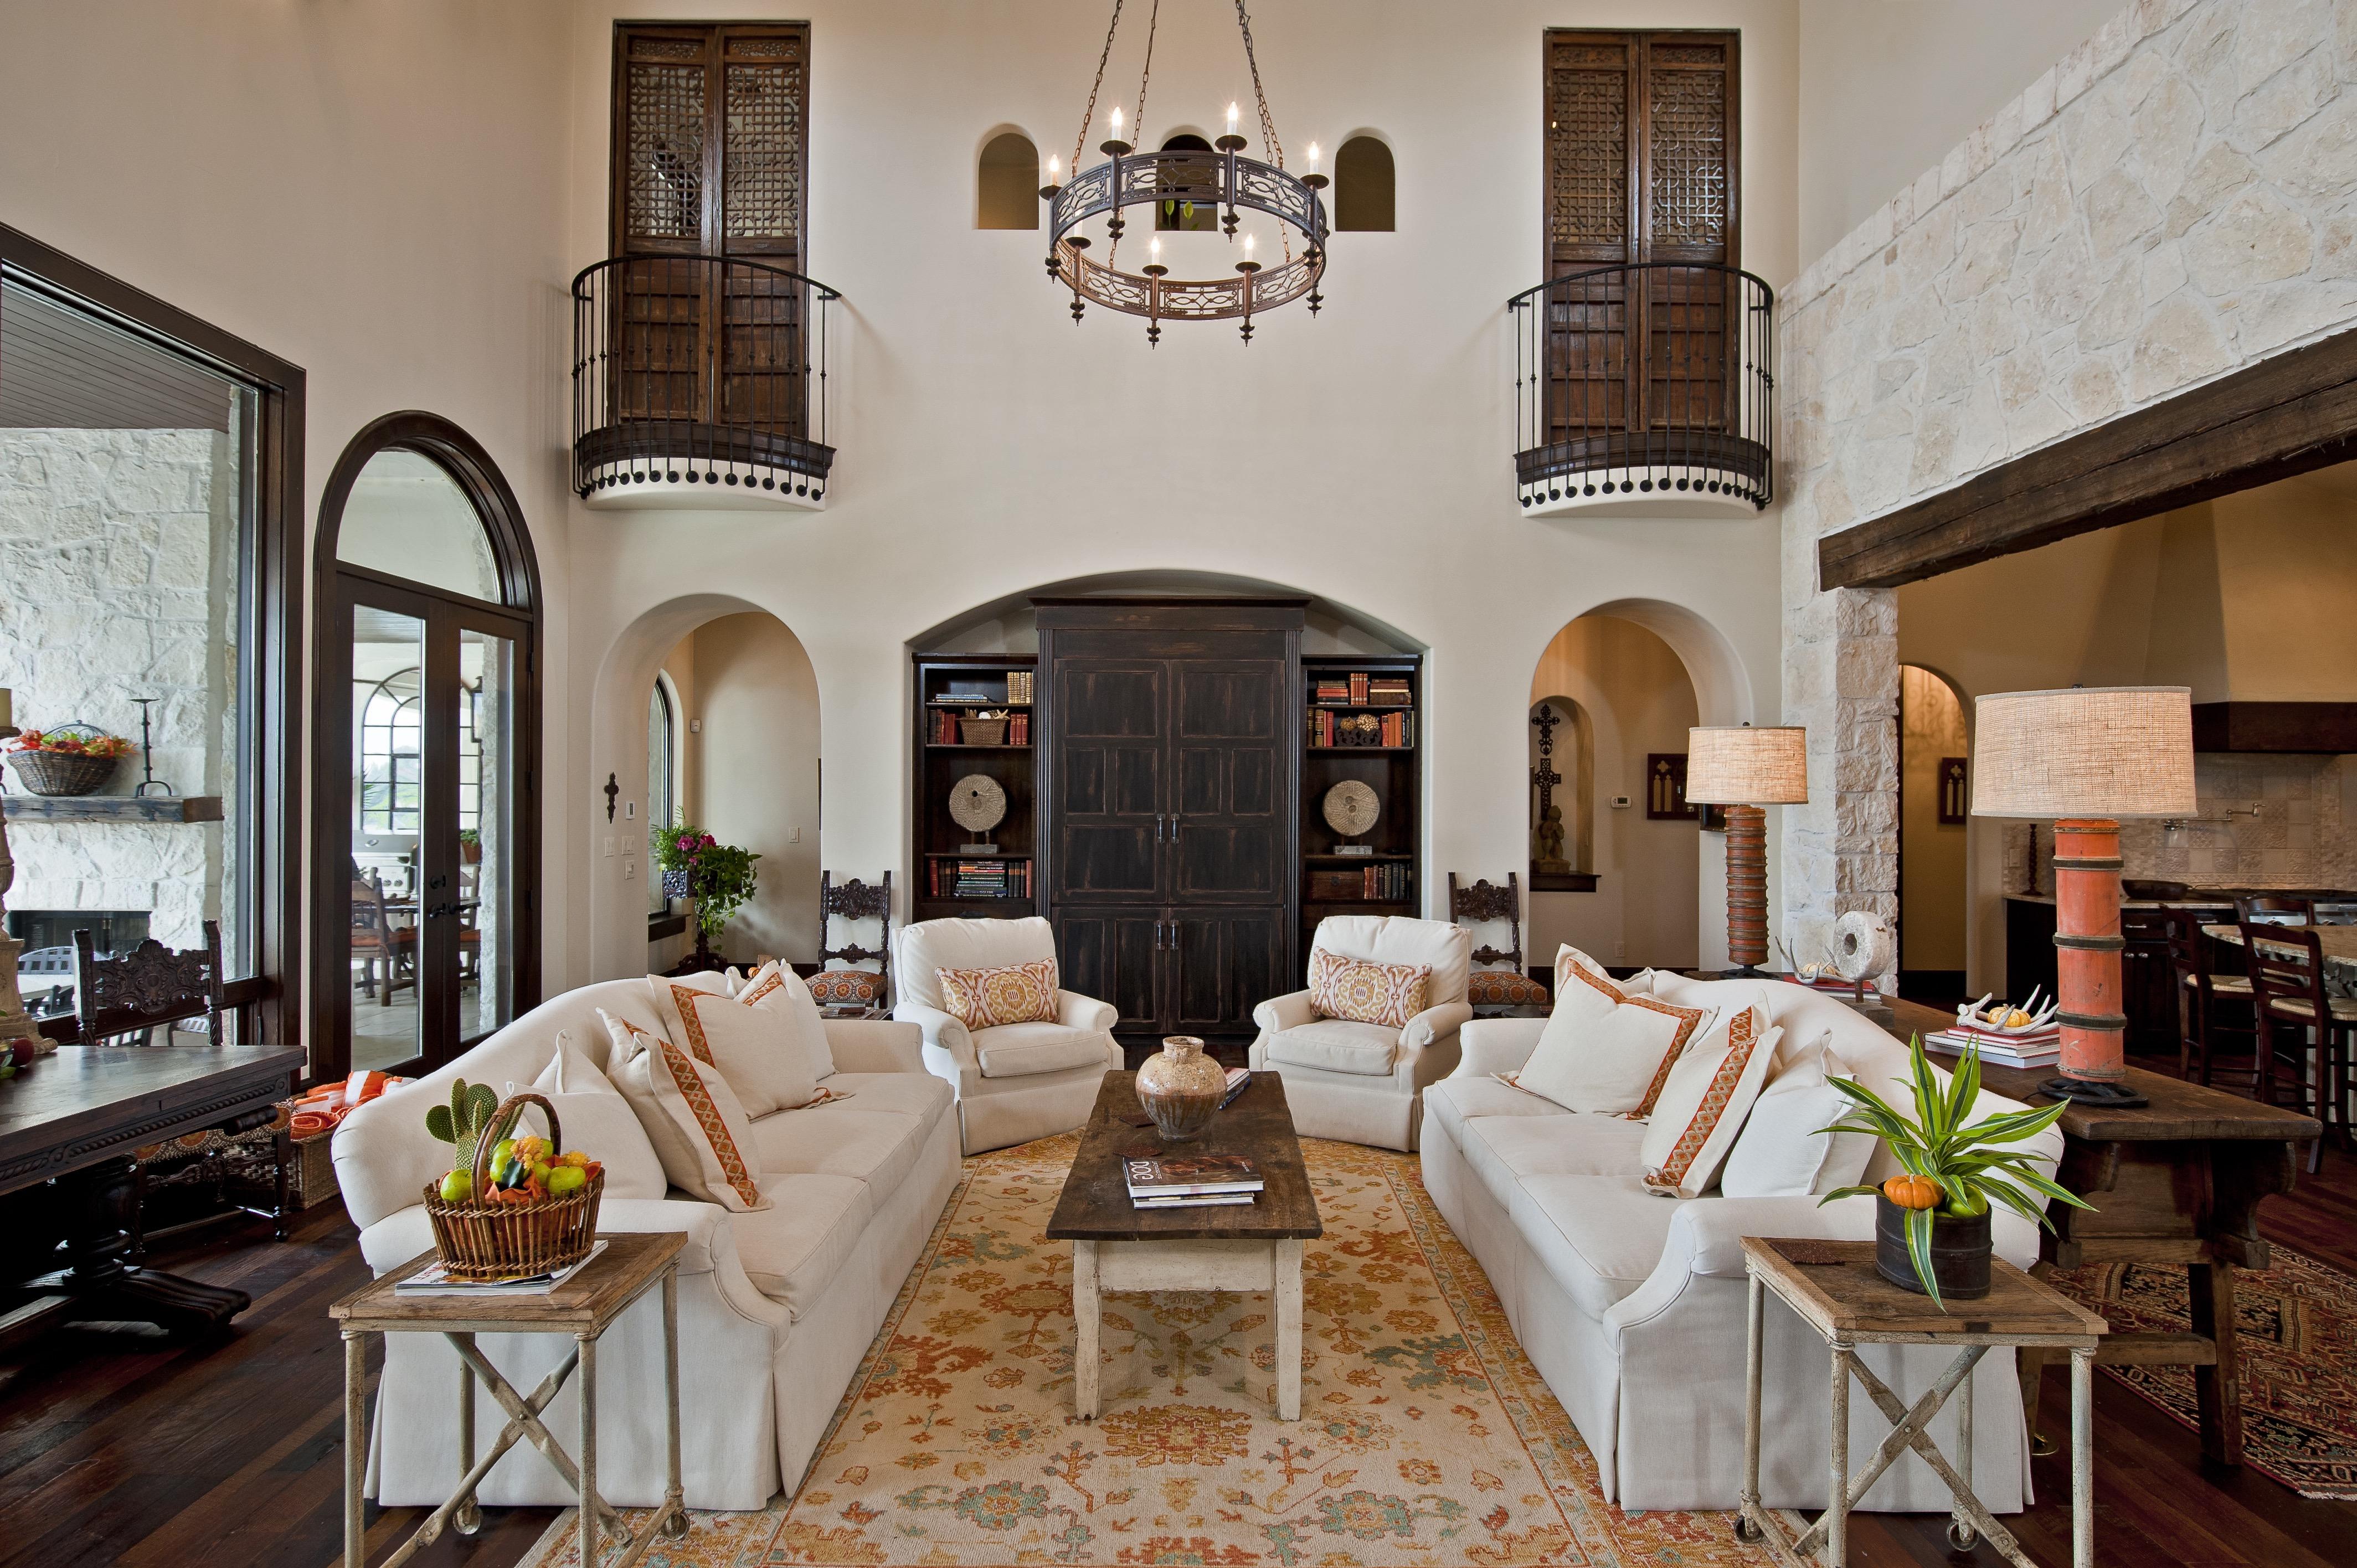 20 Elegant Italian Living Room Interior Designs #18461 ...